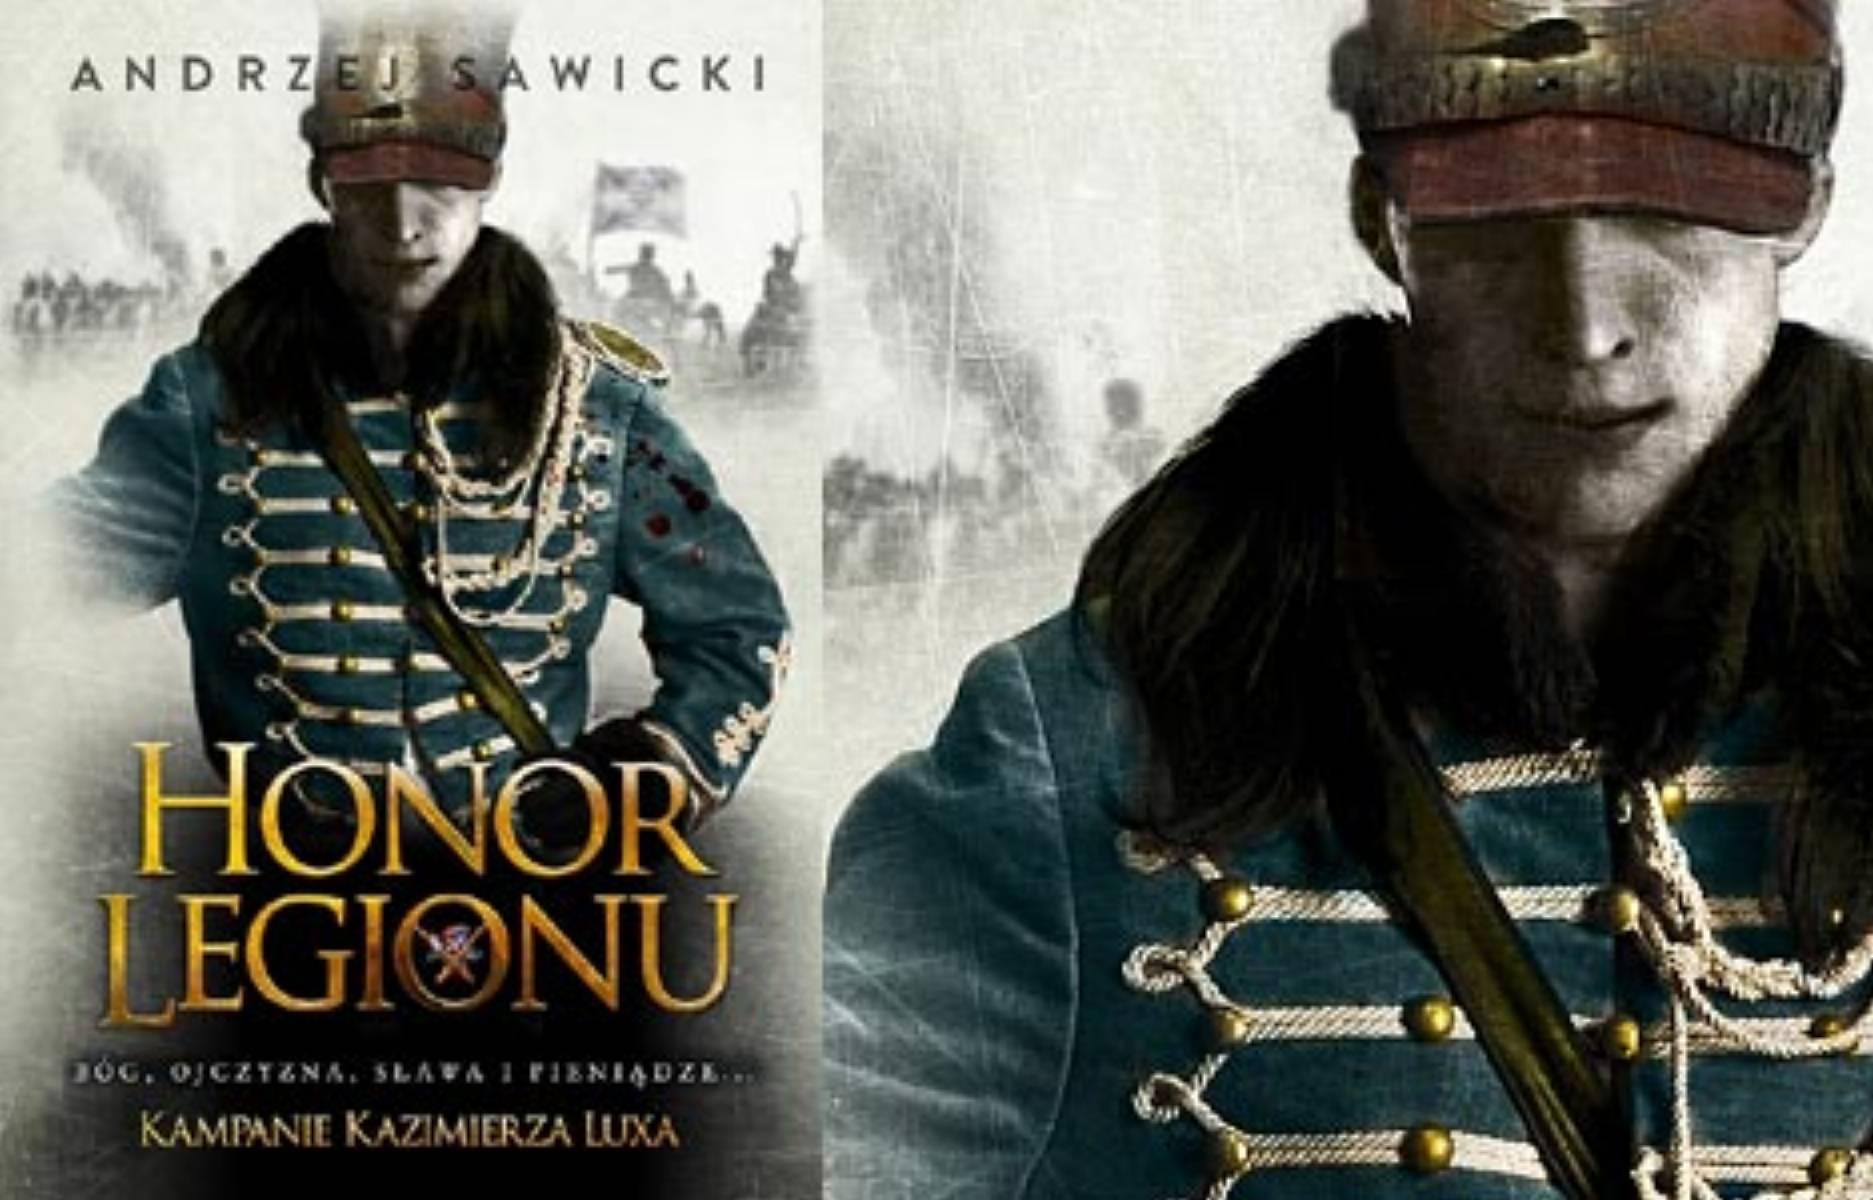 Andrzej Swicki - Honor Legionu